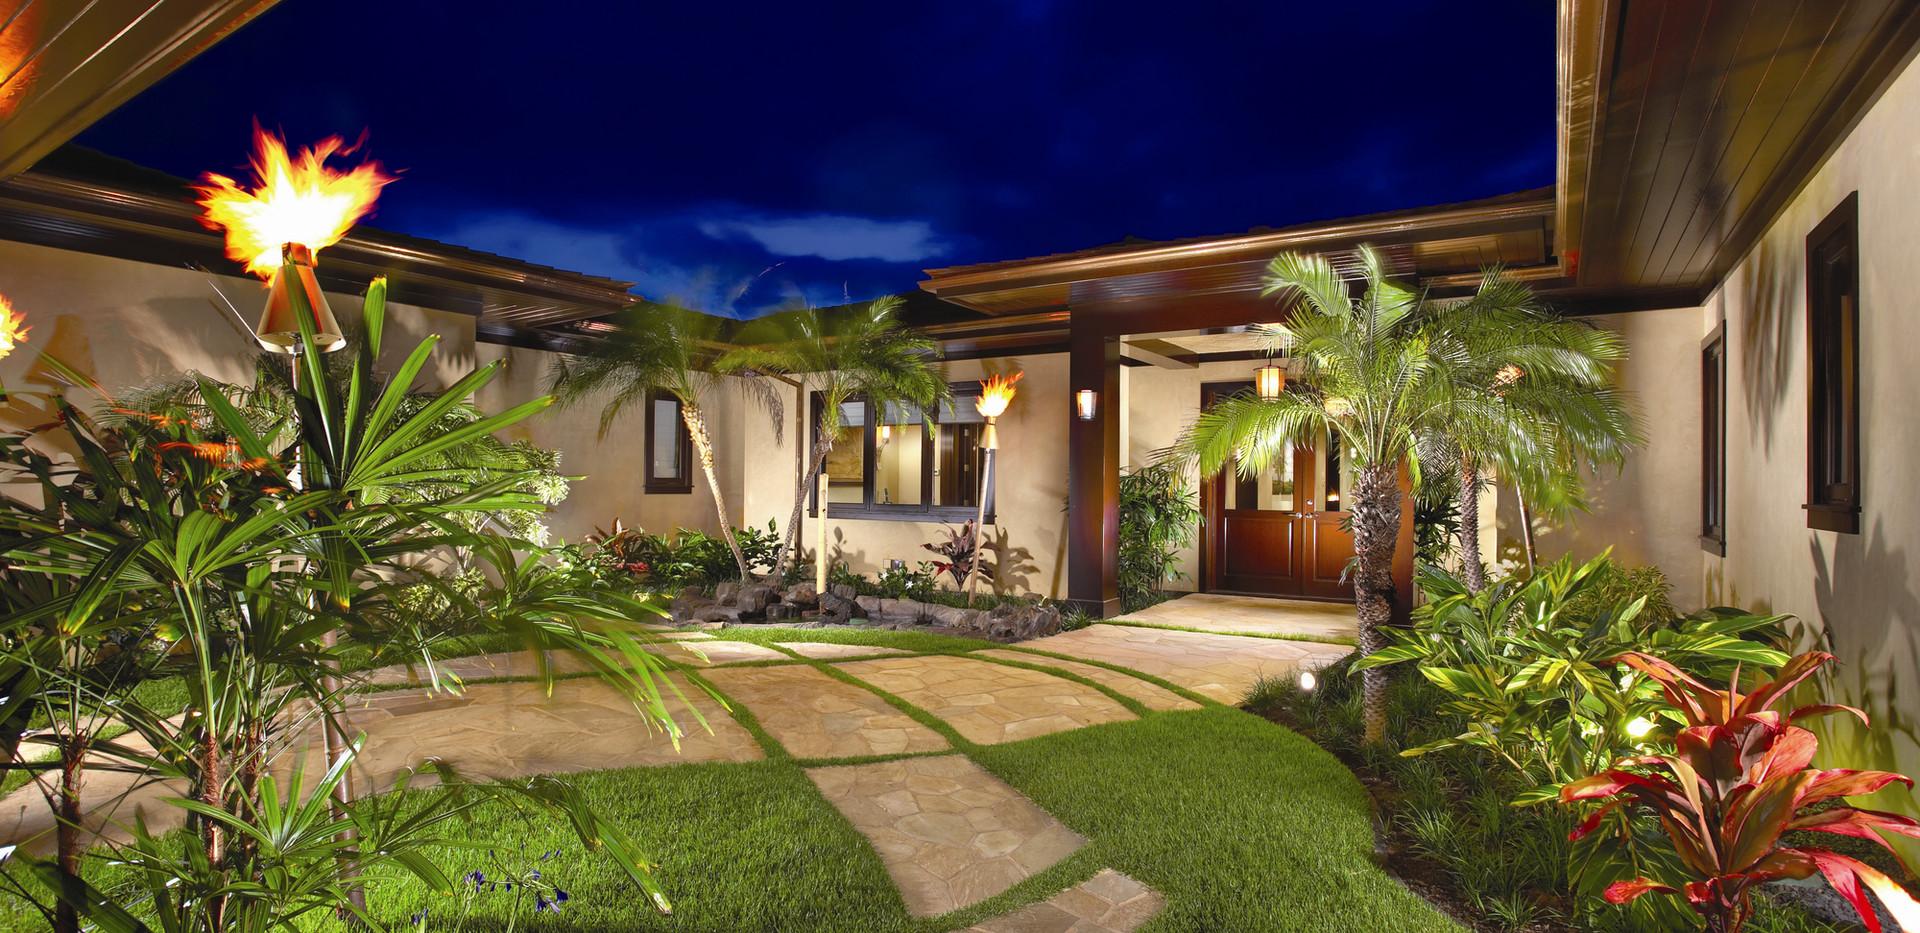 Hualalai_Lau'eki-28.jpg